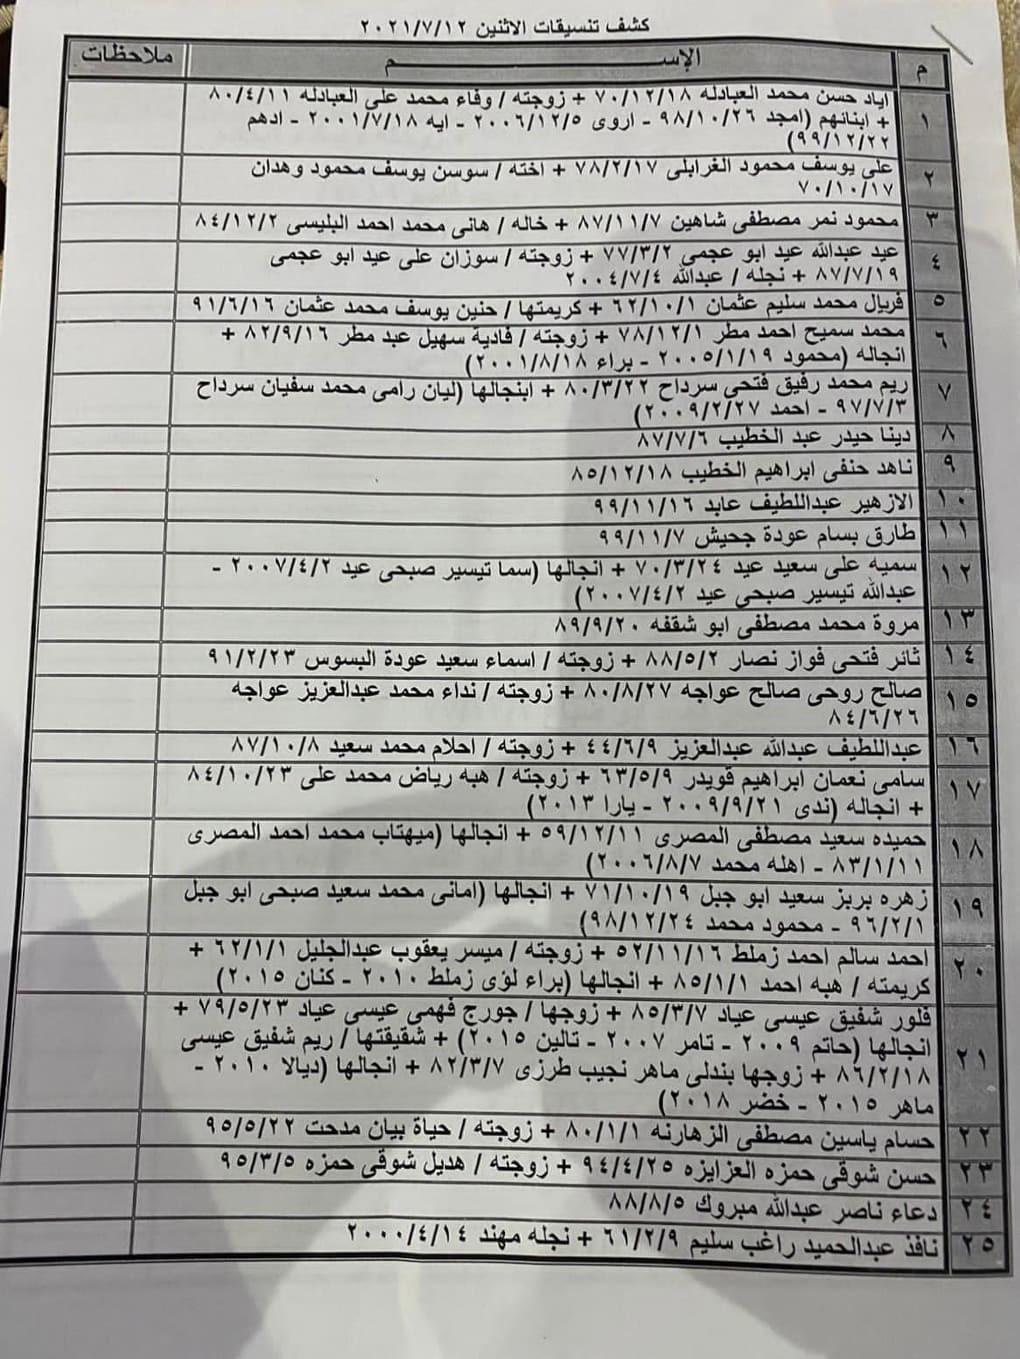 """شاهد: كشف """"التنسيقات المصرية"""" للسفر عبر معبر رفح غدًا الإثنين 12 يوليو 2021"""